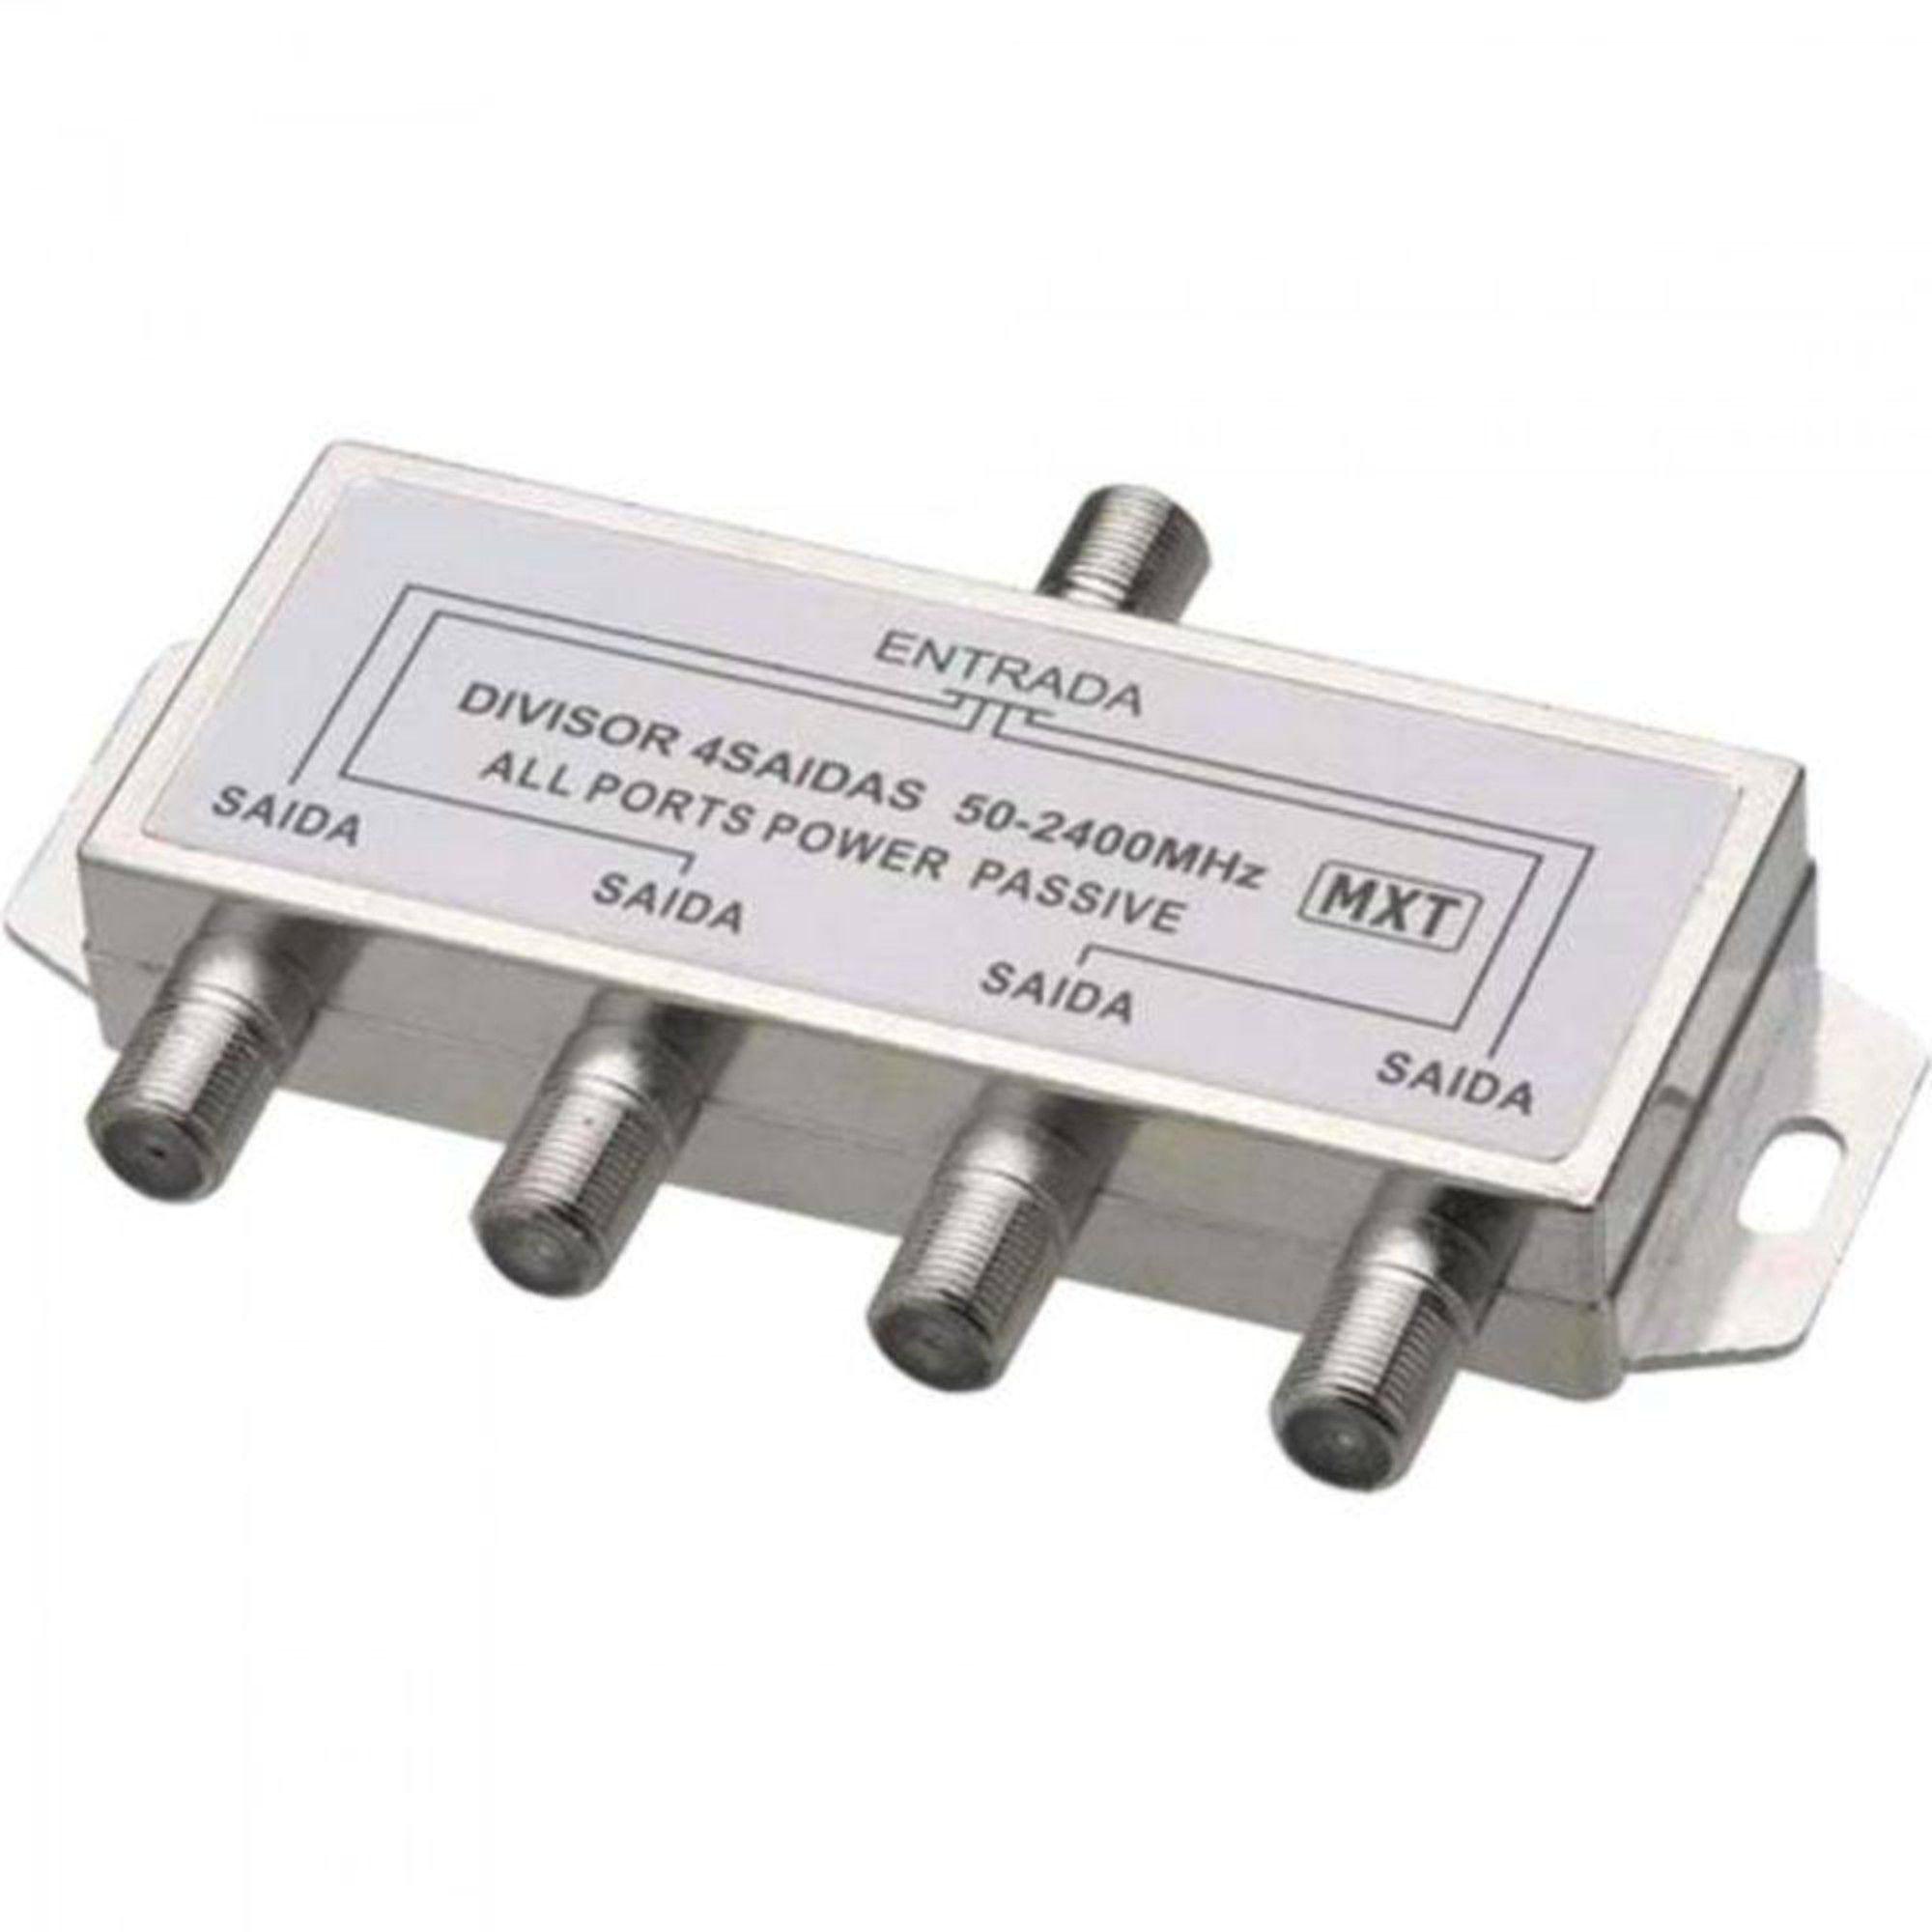 Divisor De Antena 1 X 4 5.100MHz Para Cabo Coaxial C/ 2 Unidades